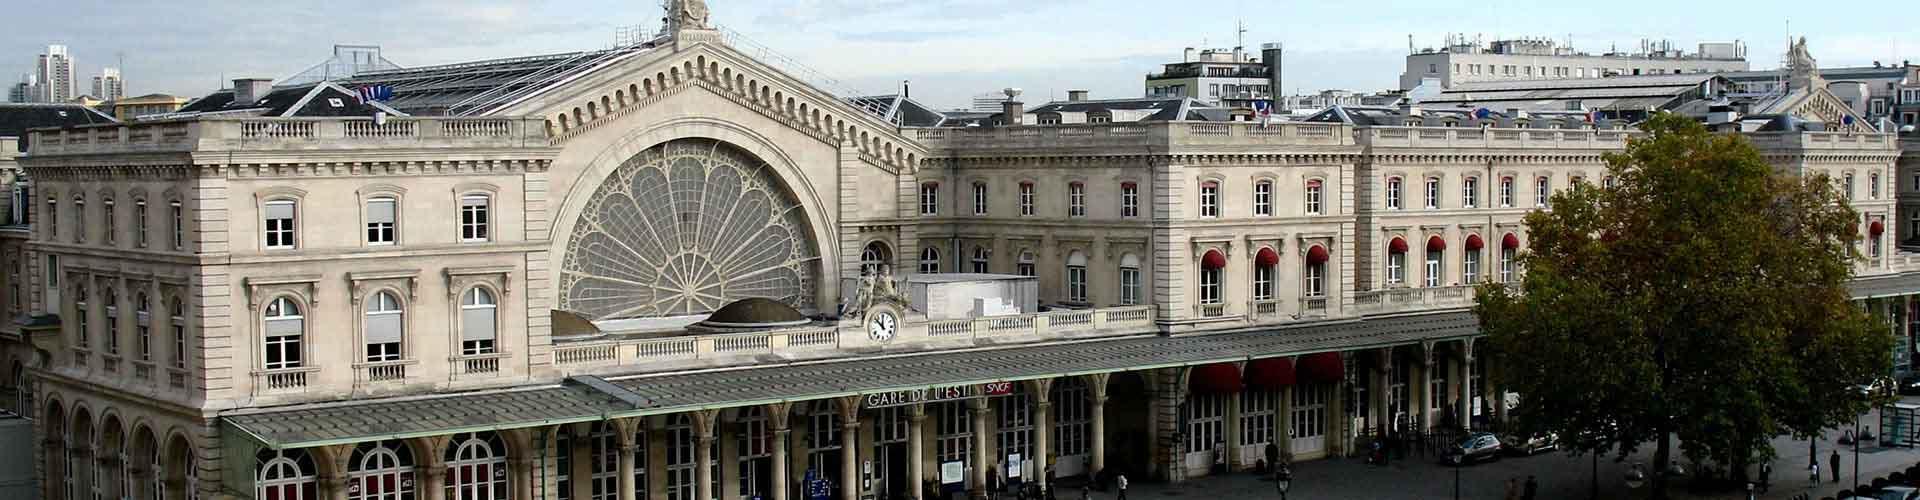 パリ – Gare de l'Est railway stationの近くにあるホステル. 地図 パリ, すべてのホステルの写真とレビュー パリ.